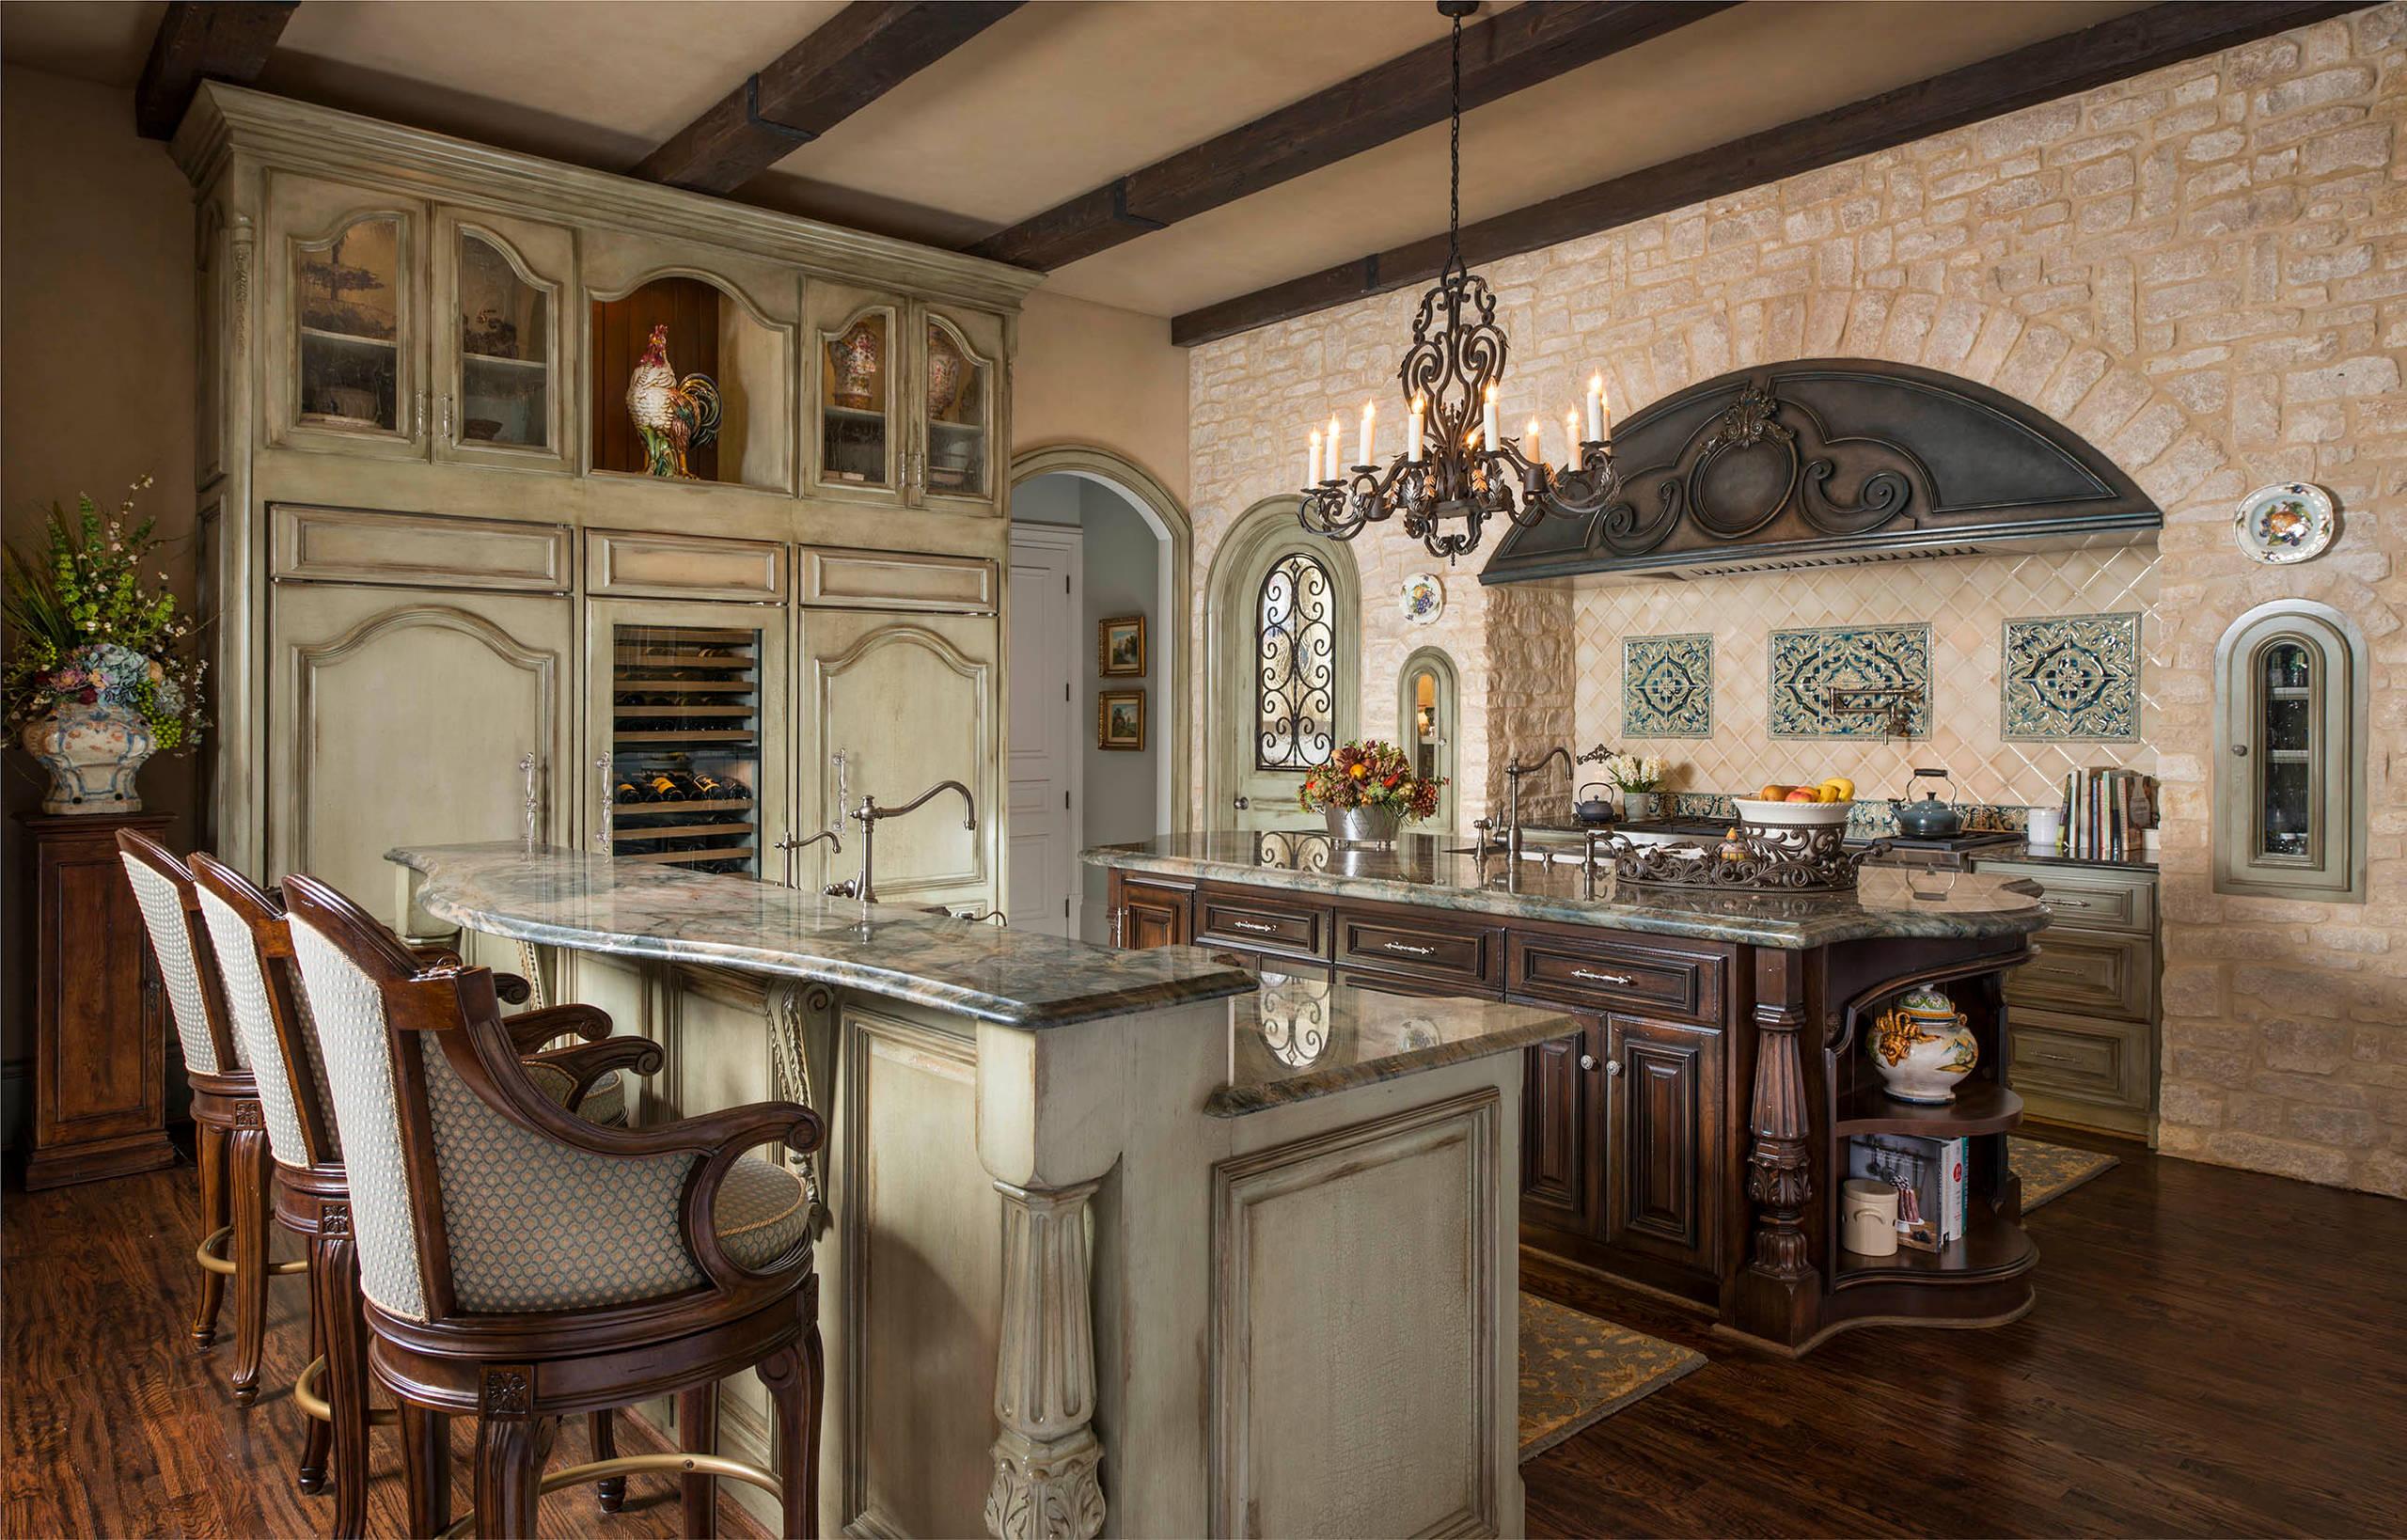 16 Charming Mediterranean Kitchen Designs That Will ... on Kitchen Renovation Ideas  id=13720